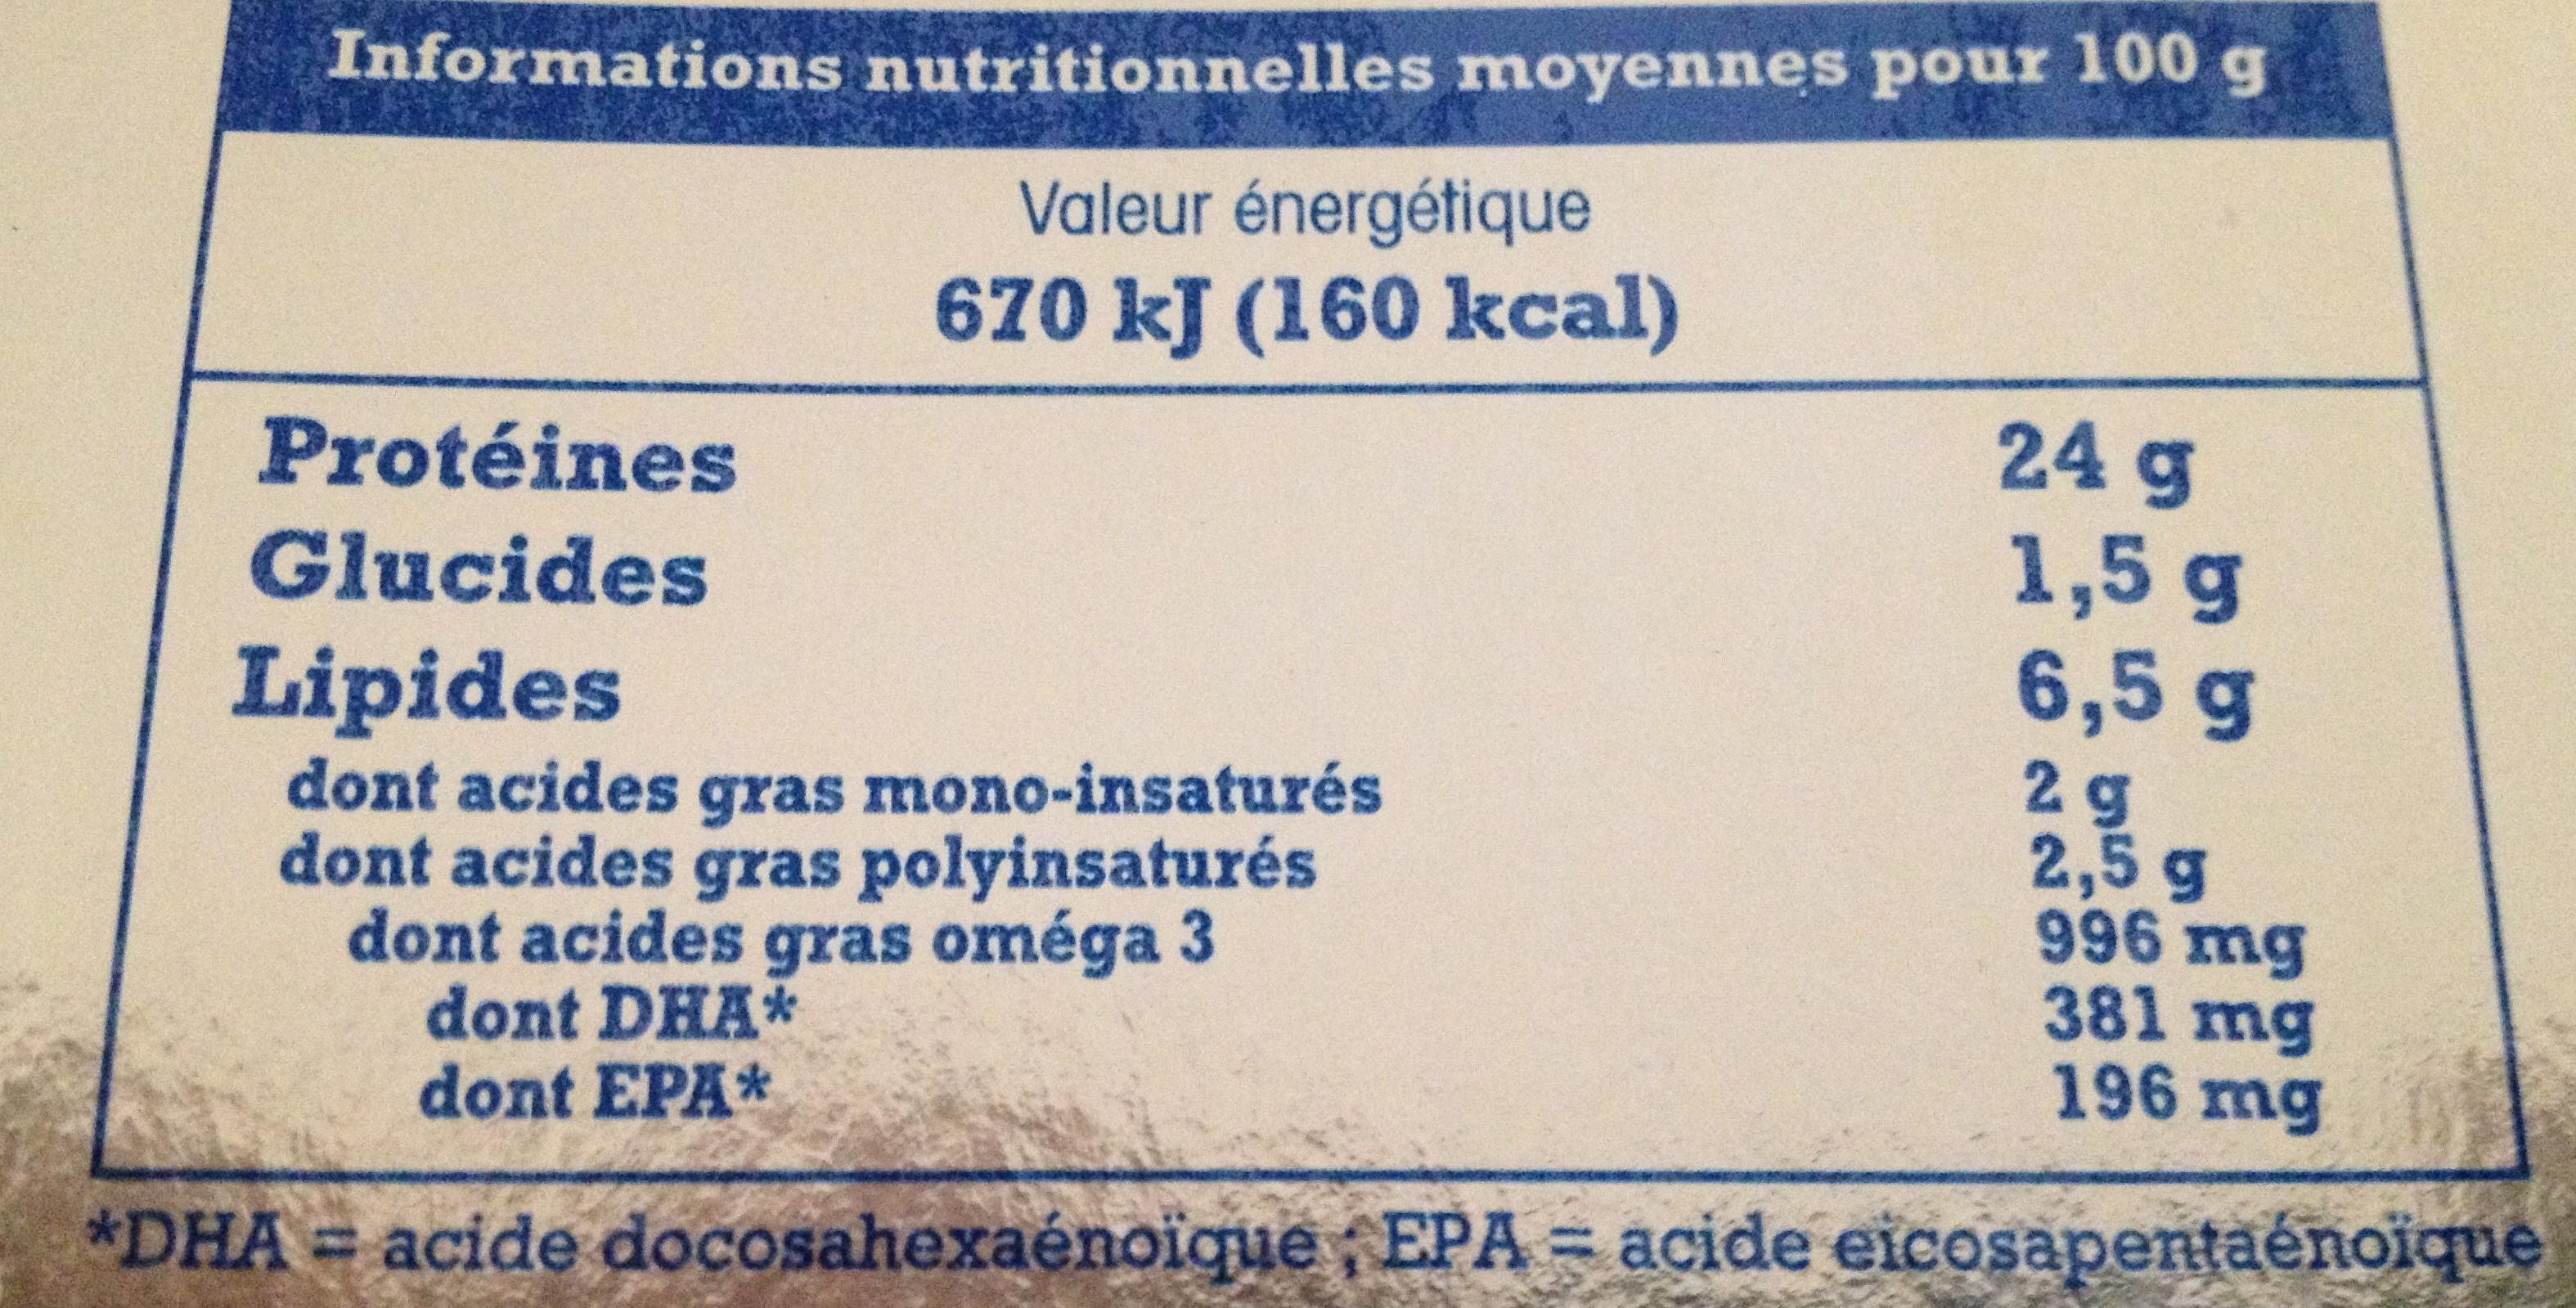 Truite fumée au bois de hêtre label Rouge (4 tranches) 120 g - Informations nutritionnelles - fr